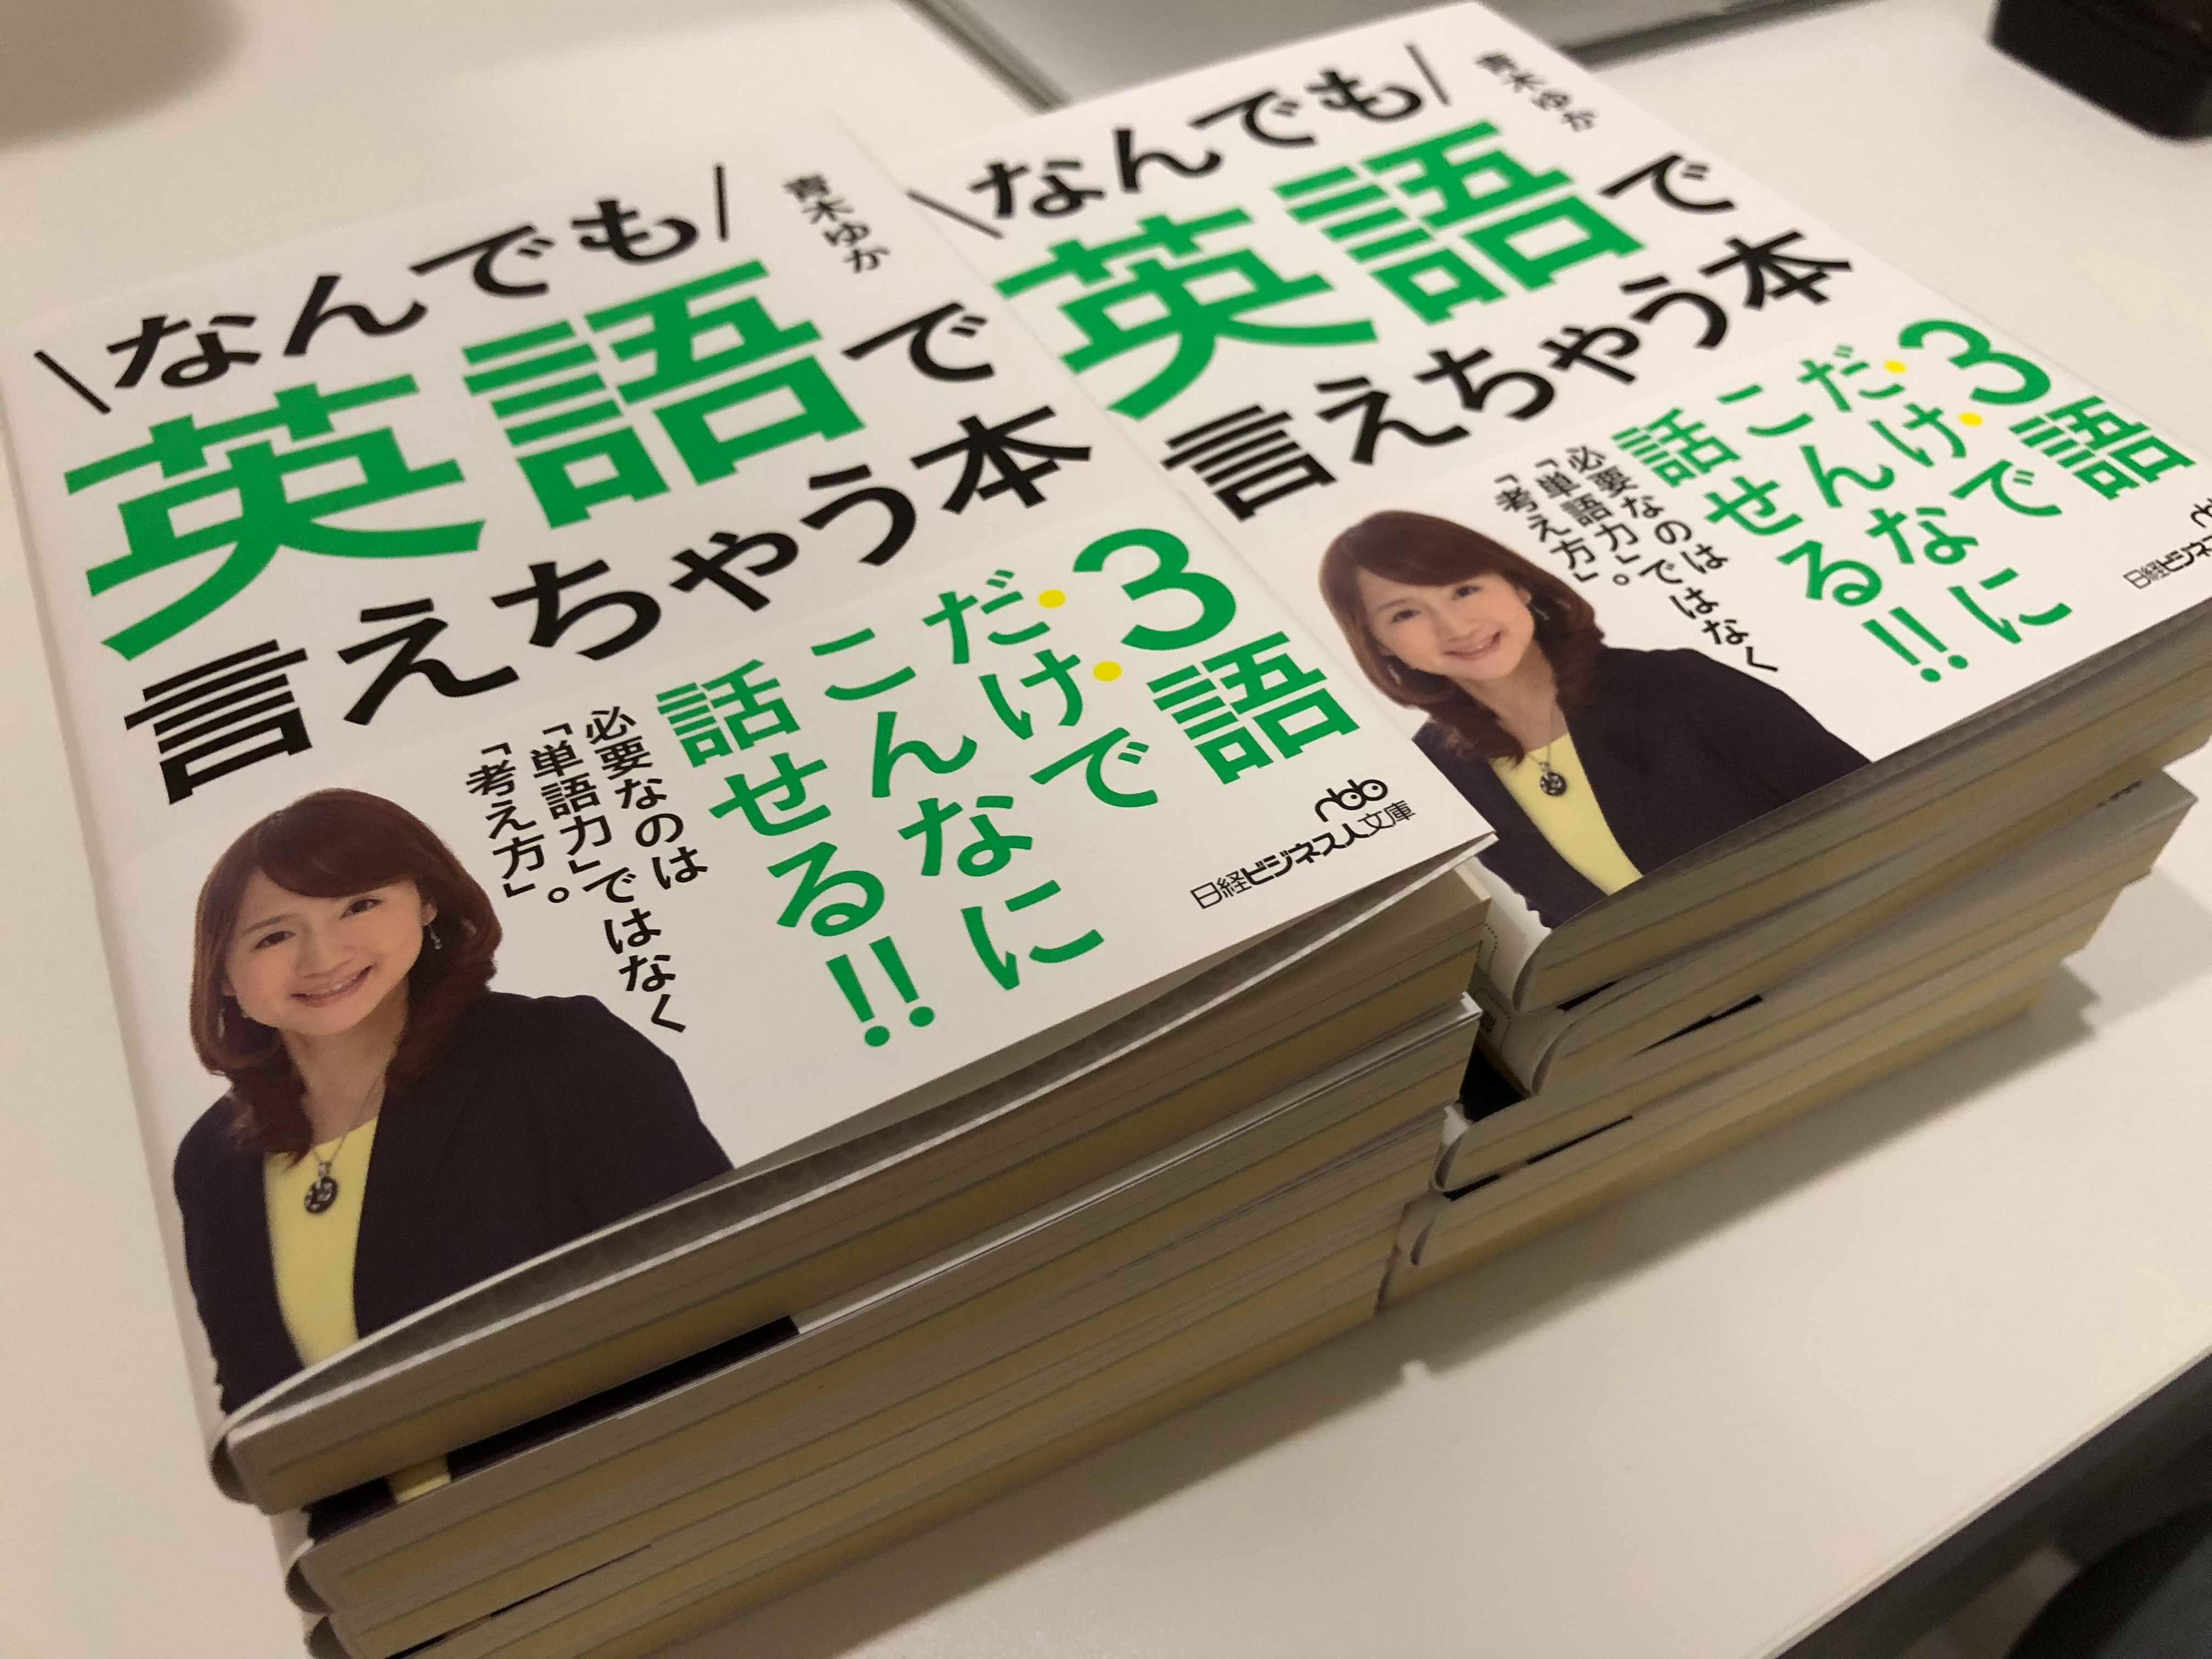 発売2日で増刷しました!「なんでも英語で言えちゃう本」文庫化の巻